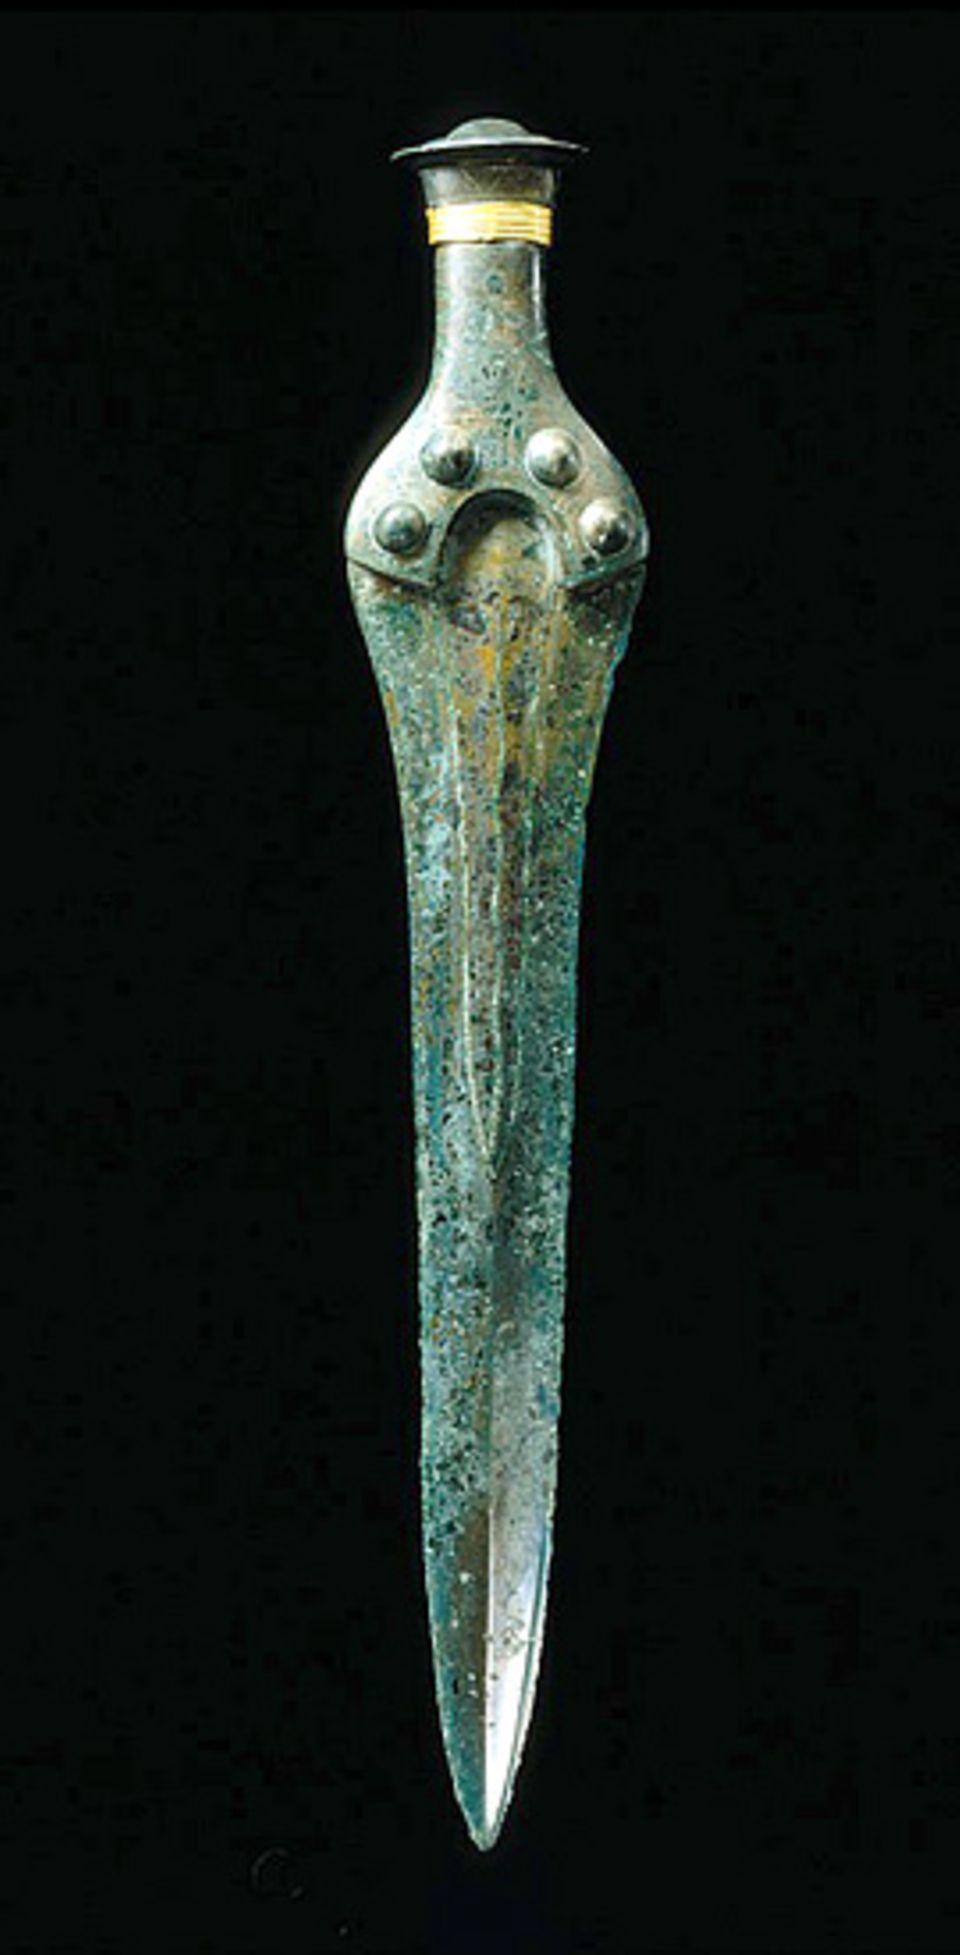 Himmelsscheibe von Nebra: Ein anderer Fund aus der Bronzezeit: Das Kurzschwert von Nebra